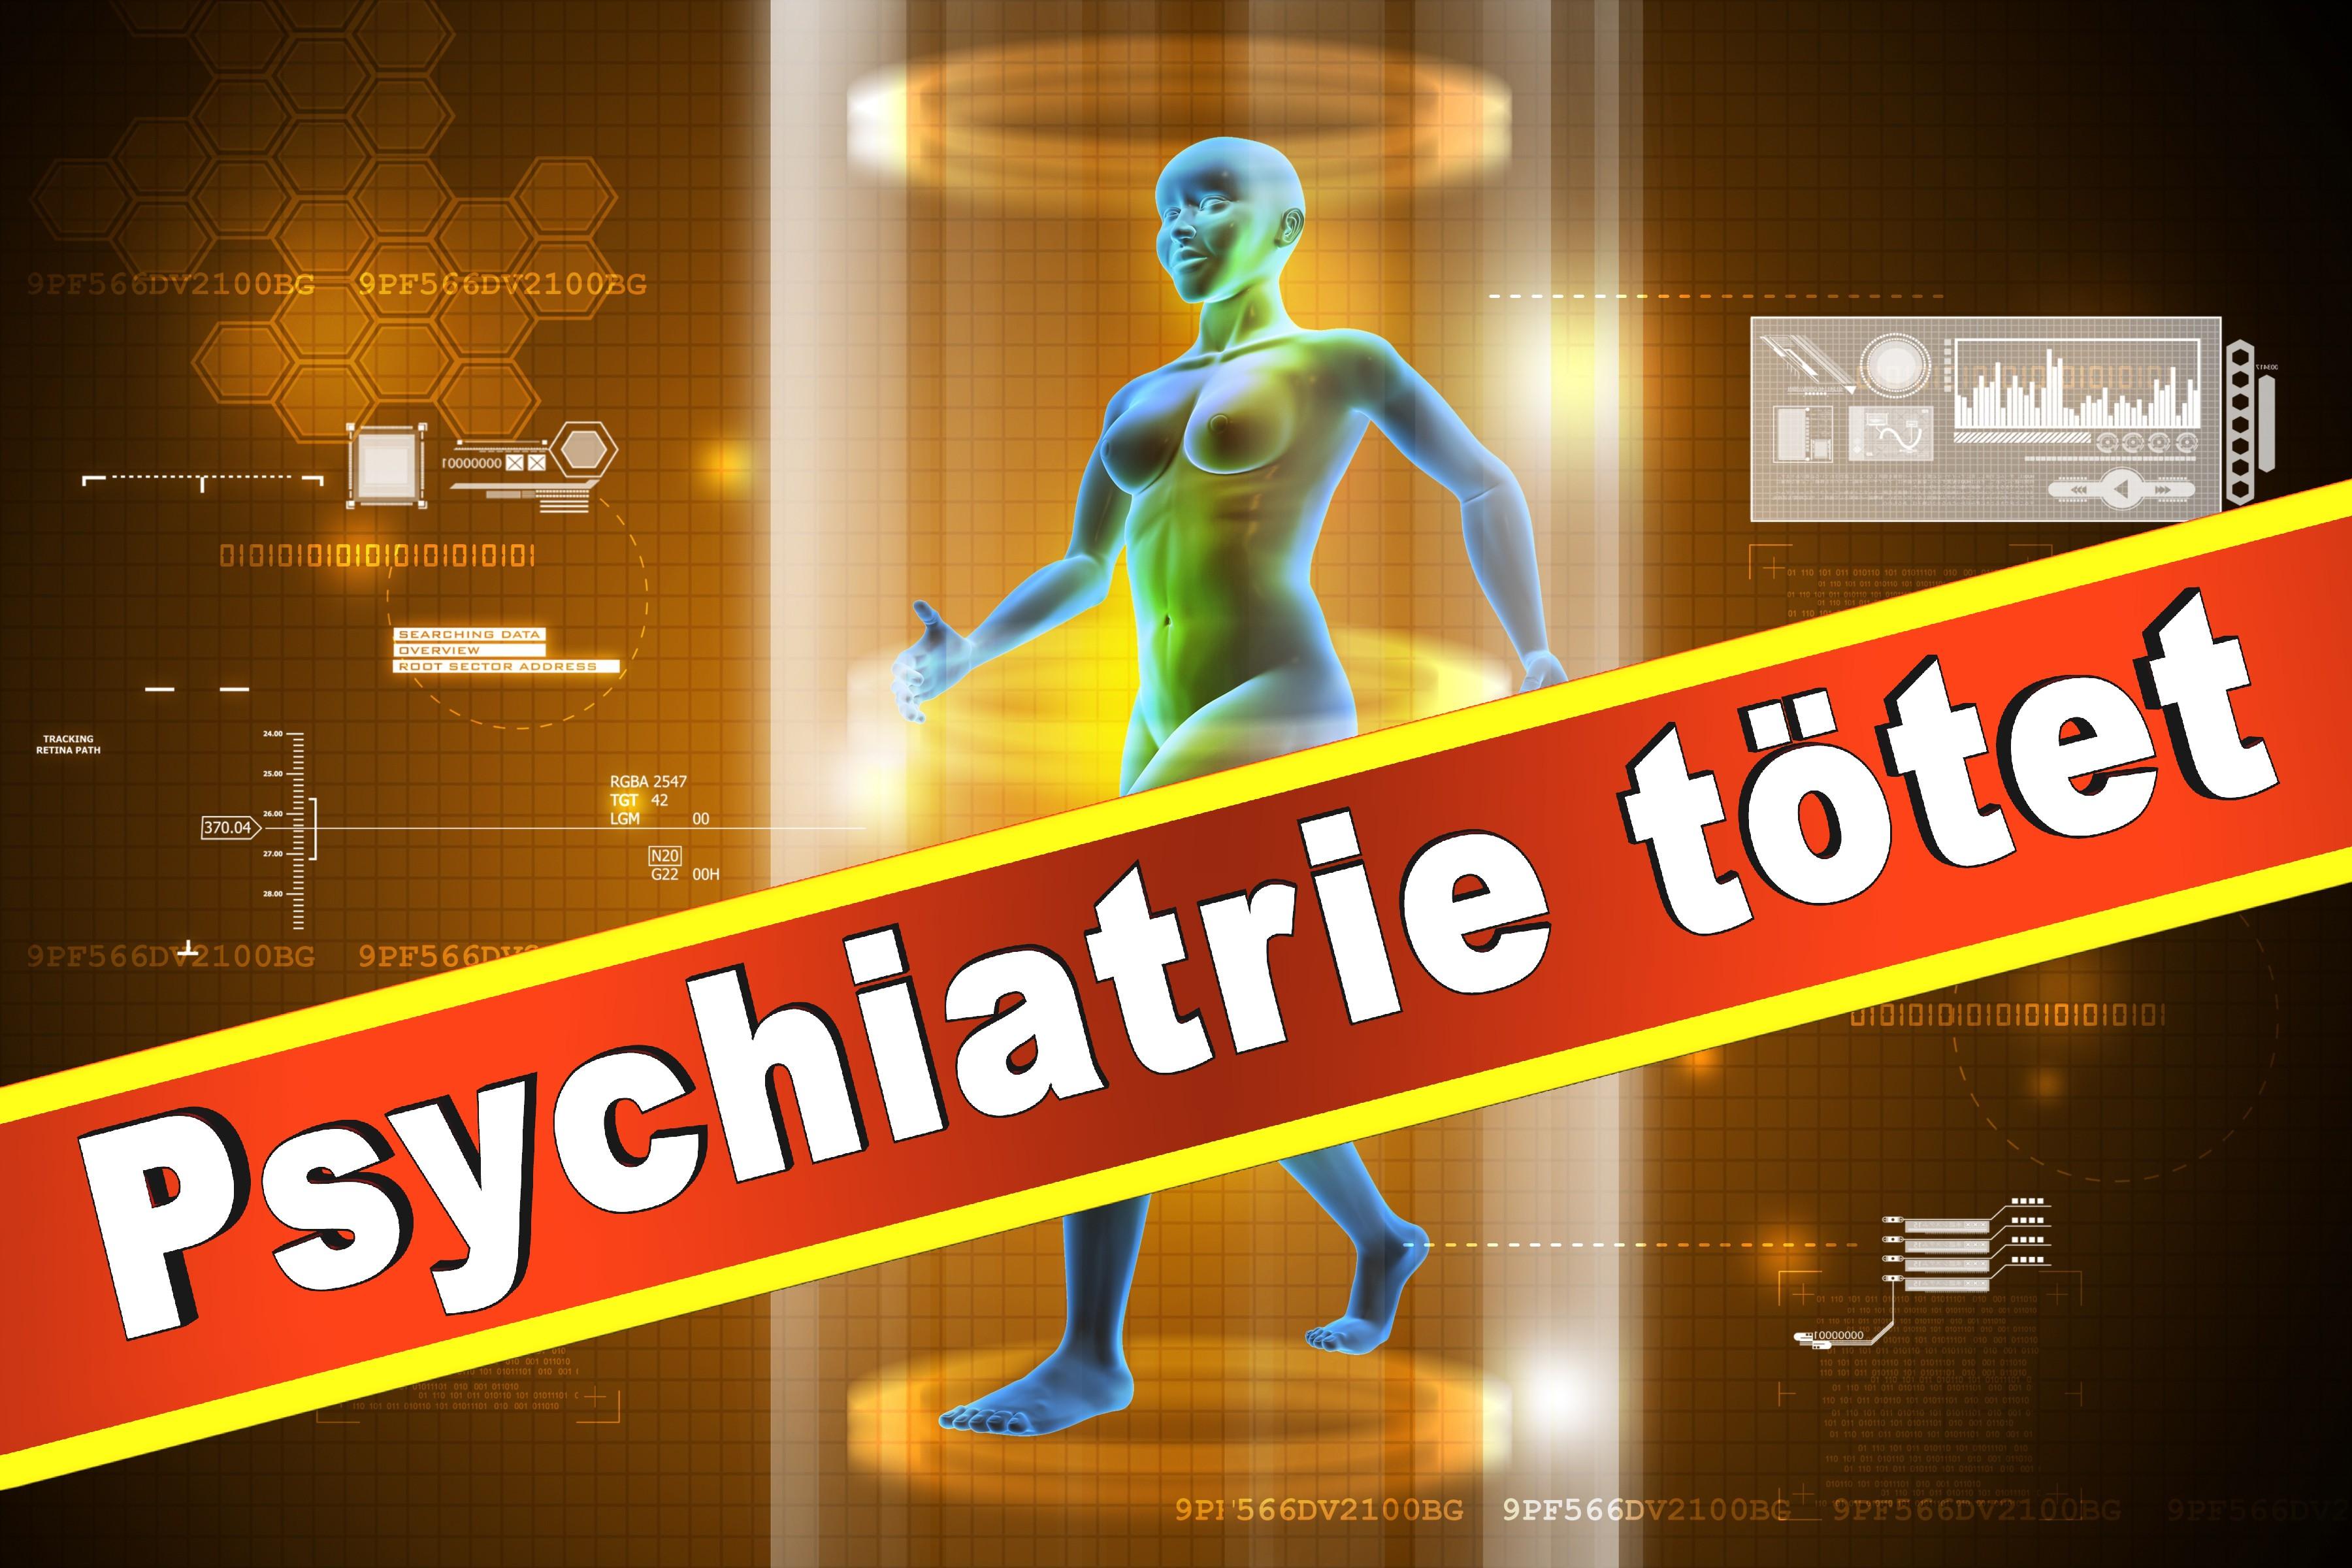 Wielant Machleidt Psychiater Psychotherapeut Professor Praxis Der Interkulturellen Psychiatrie Und Psychotherapie (5)